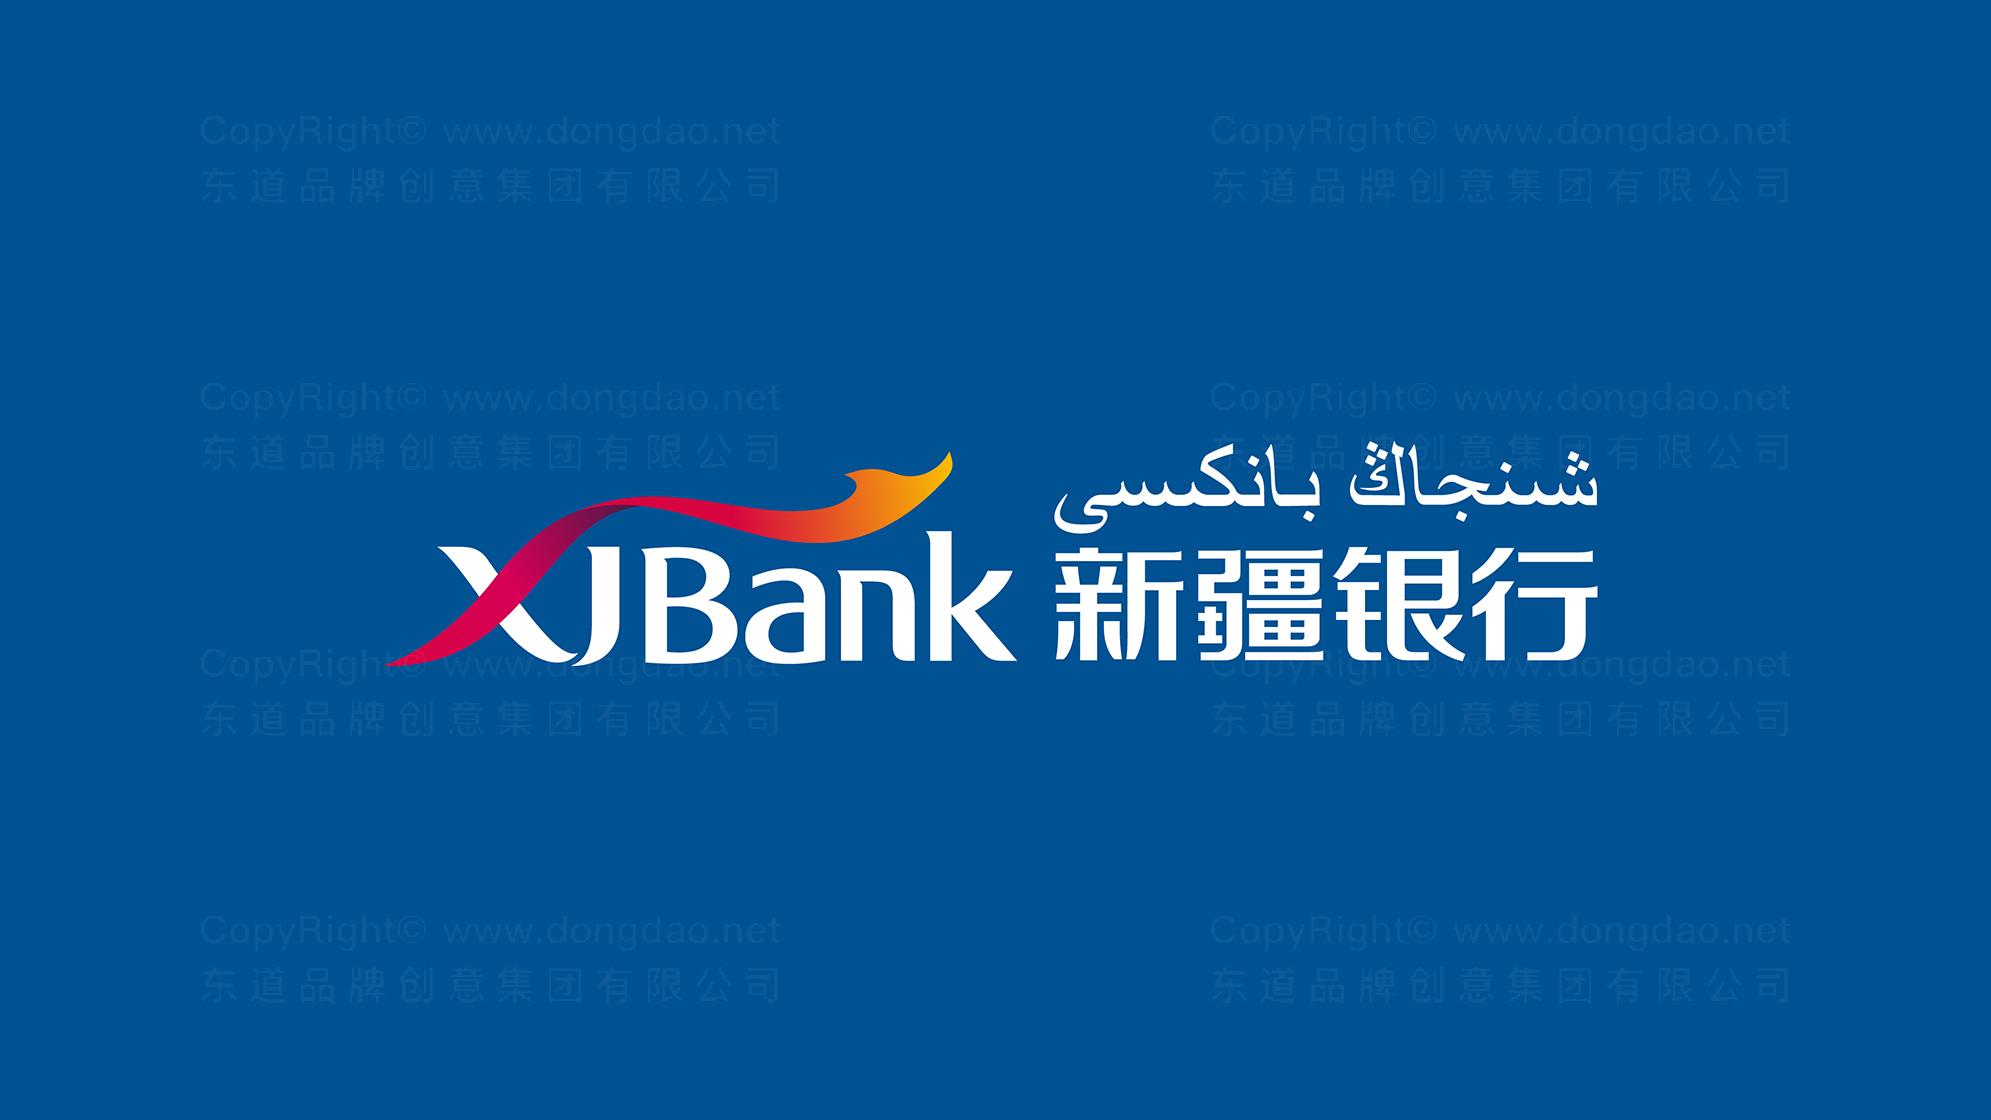 品牌设计新疆银行LOGO&VI设计应用场景